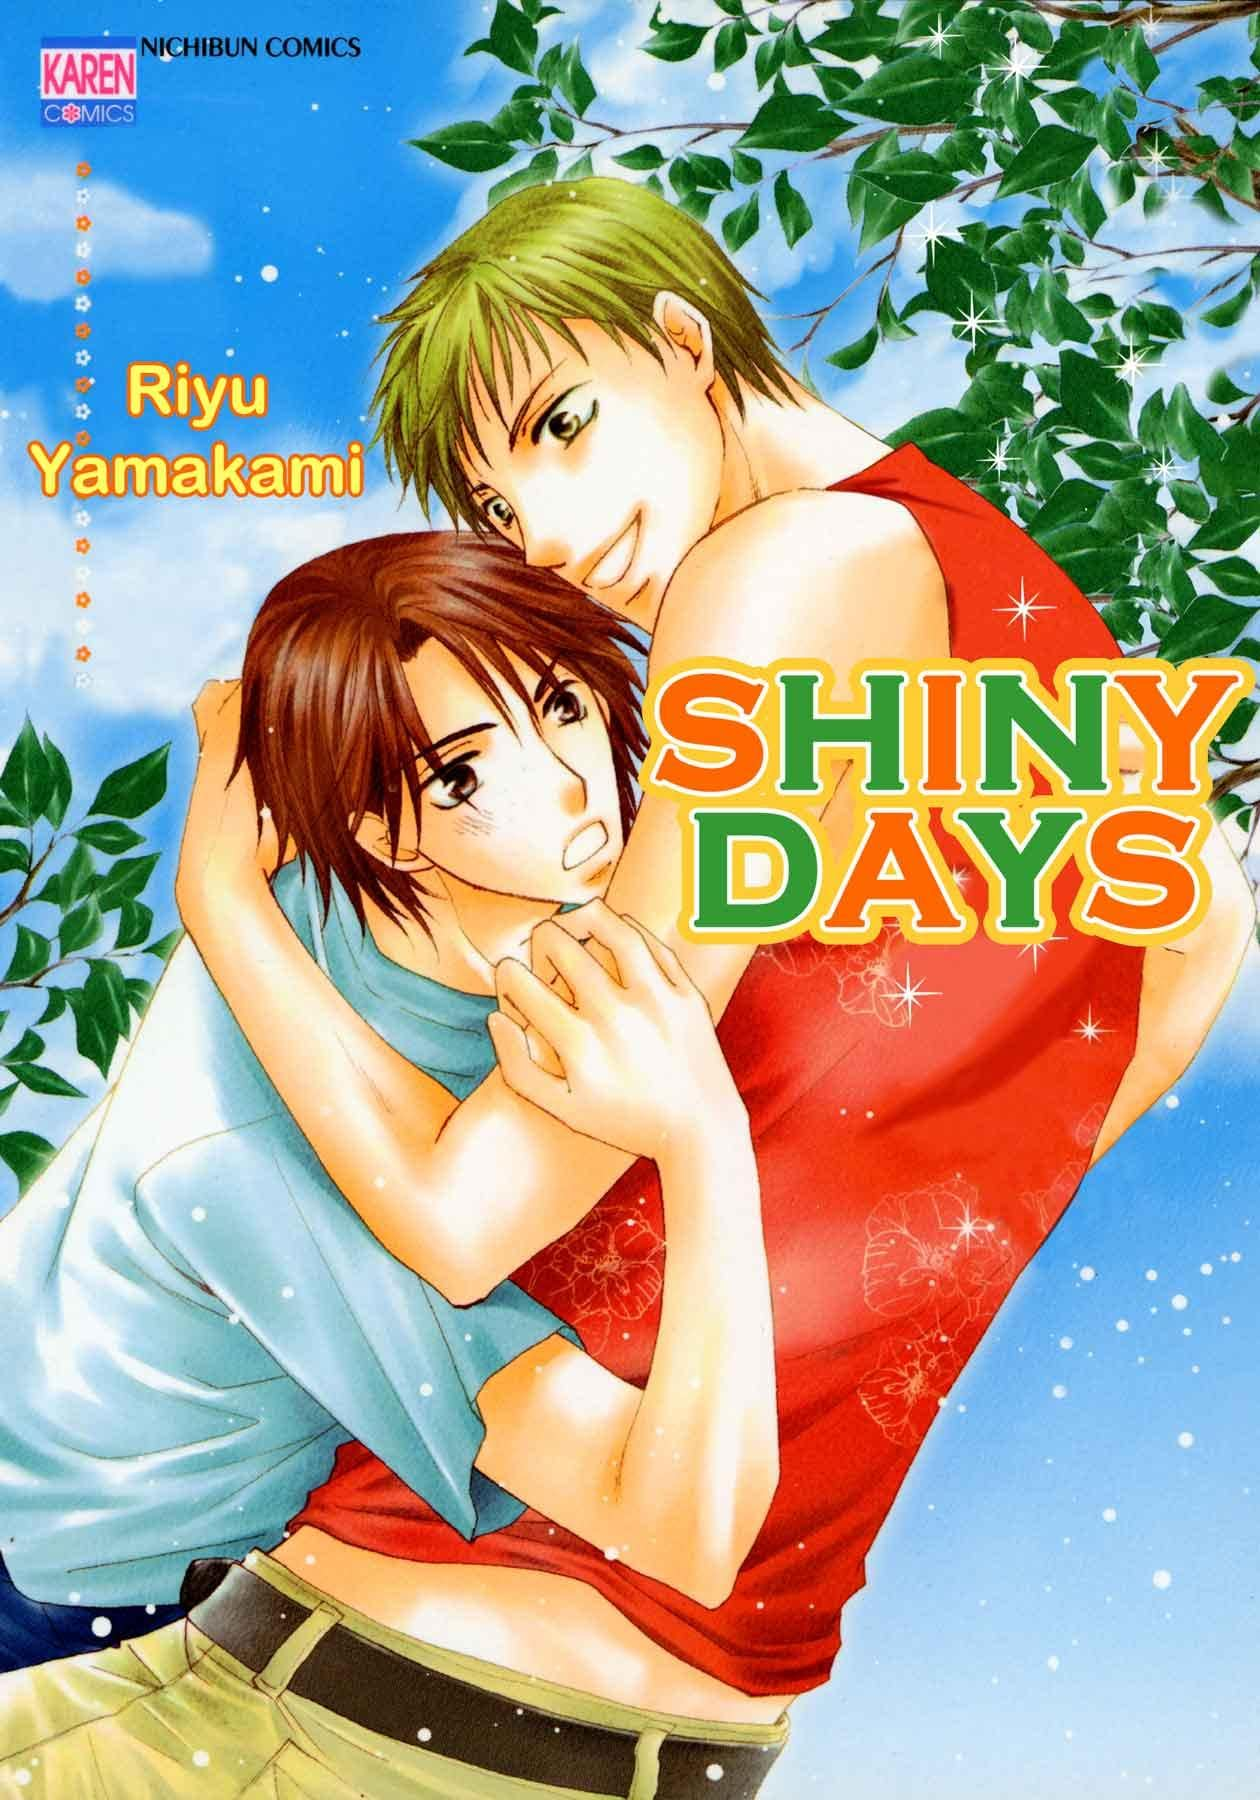 SHINYDAYS Vol. 1